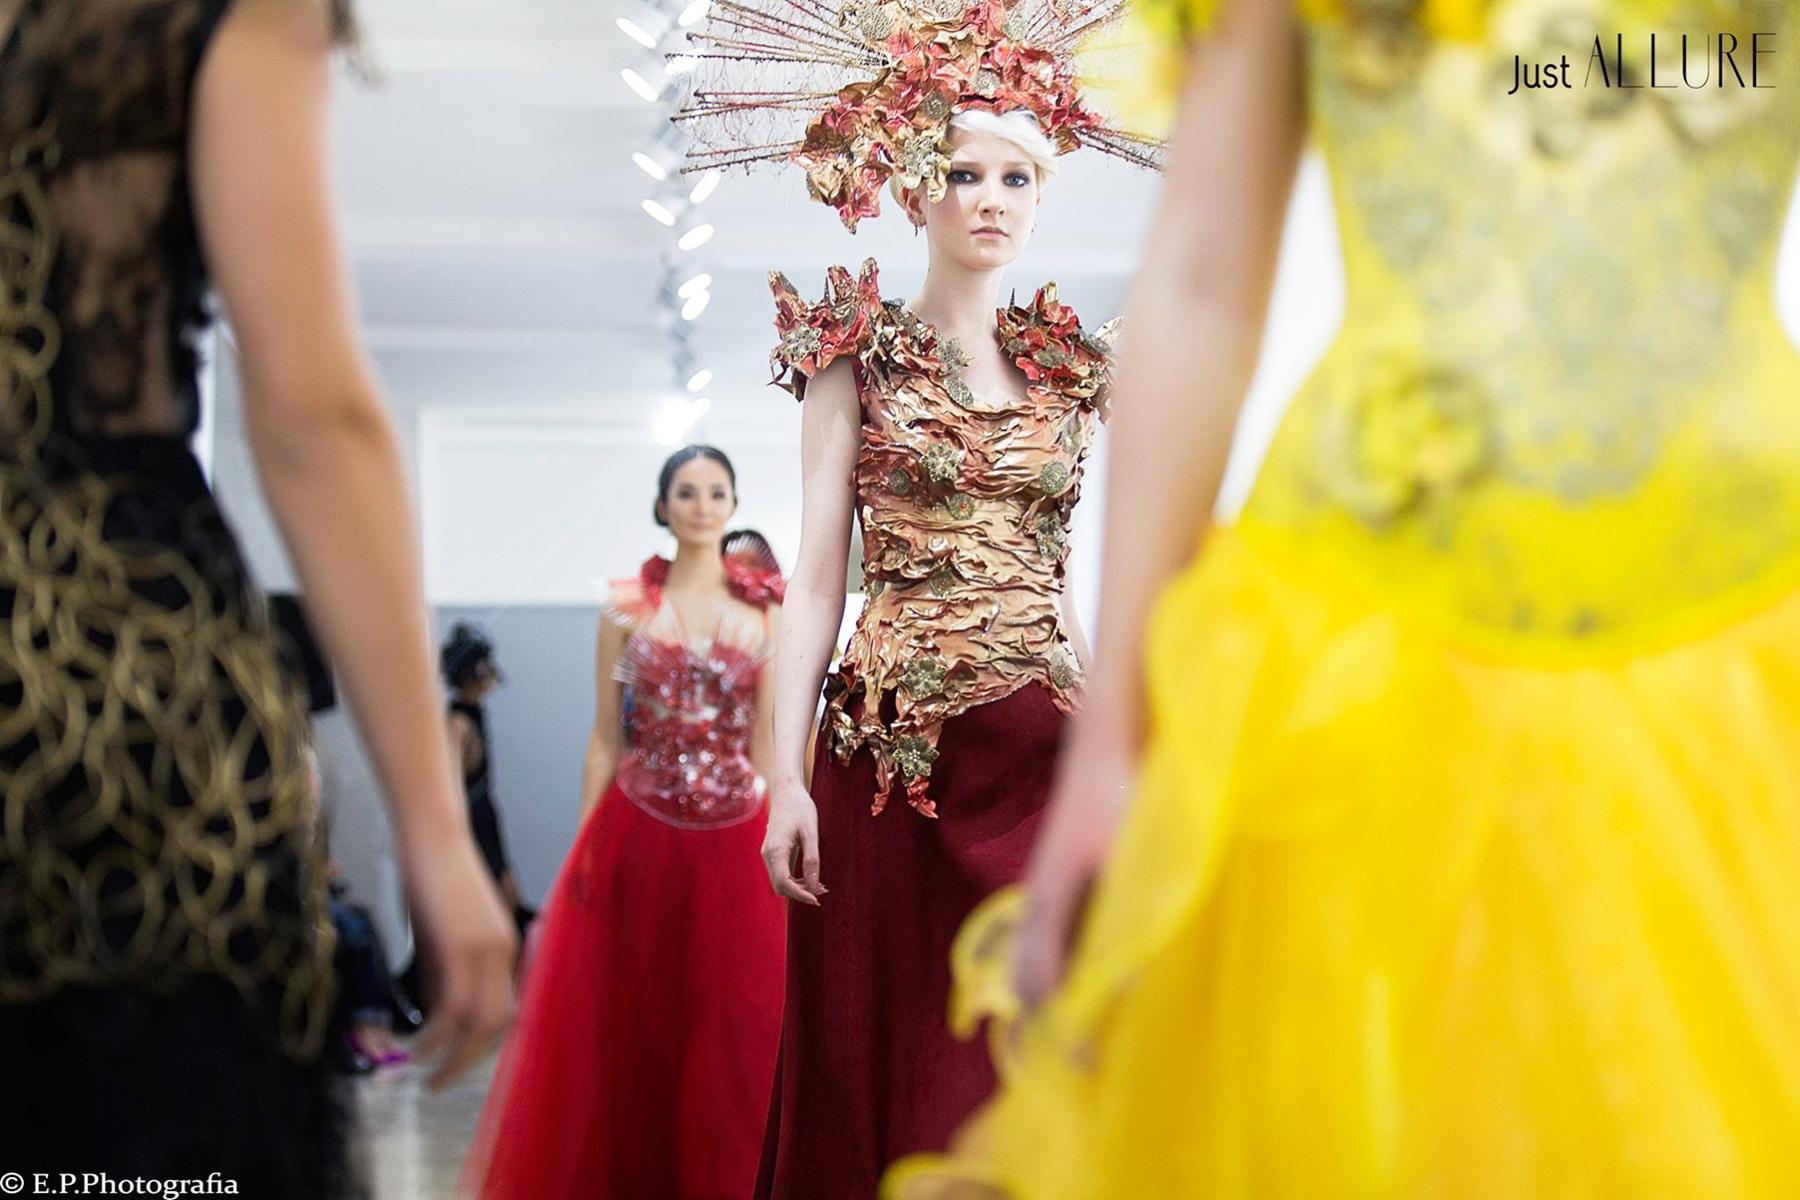 Notre Fashion show Just ALLURE en soutien à l'orphelinat Coeur Celeste